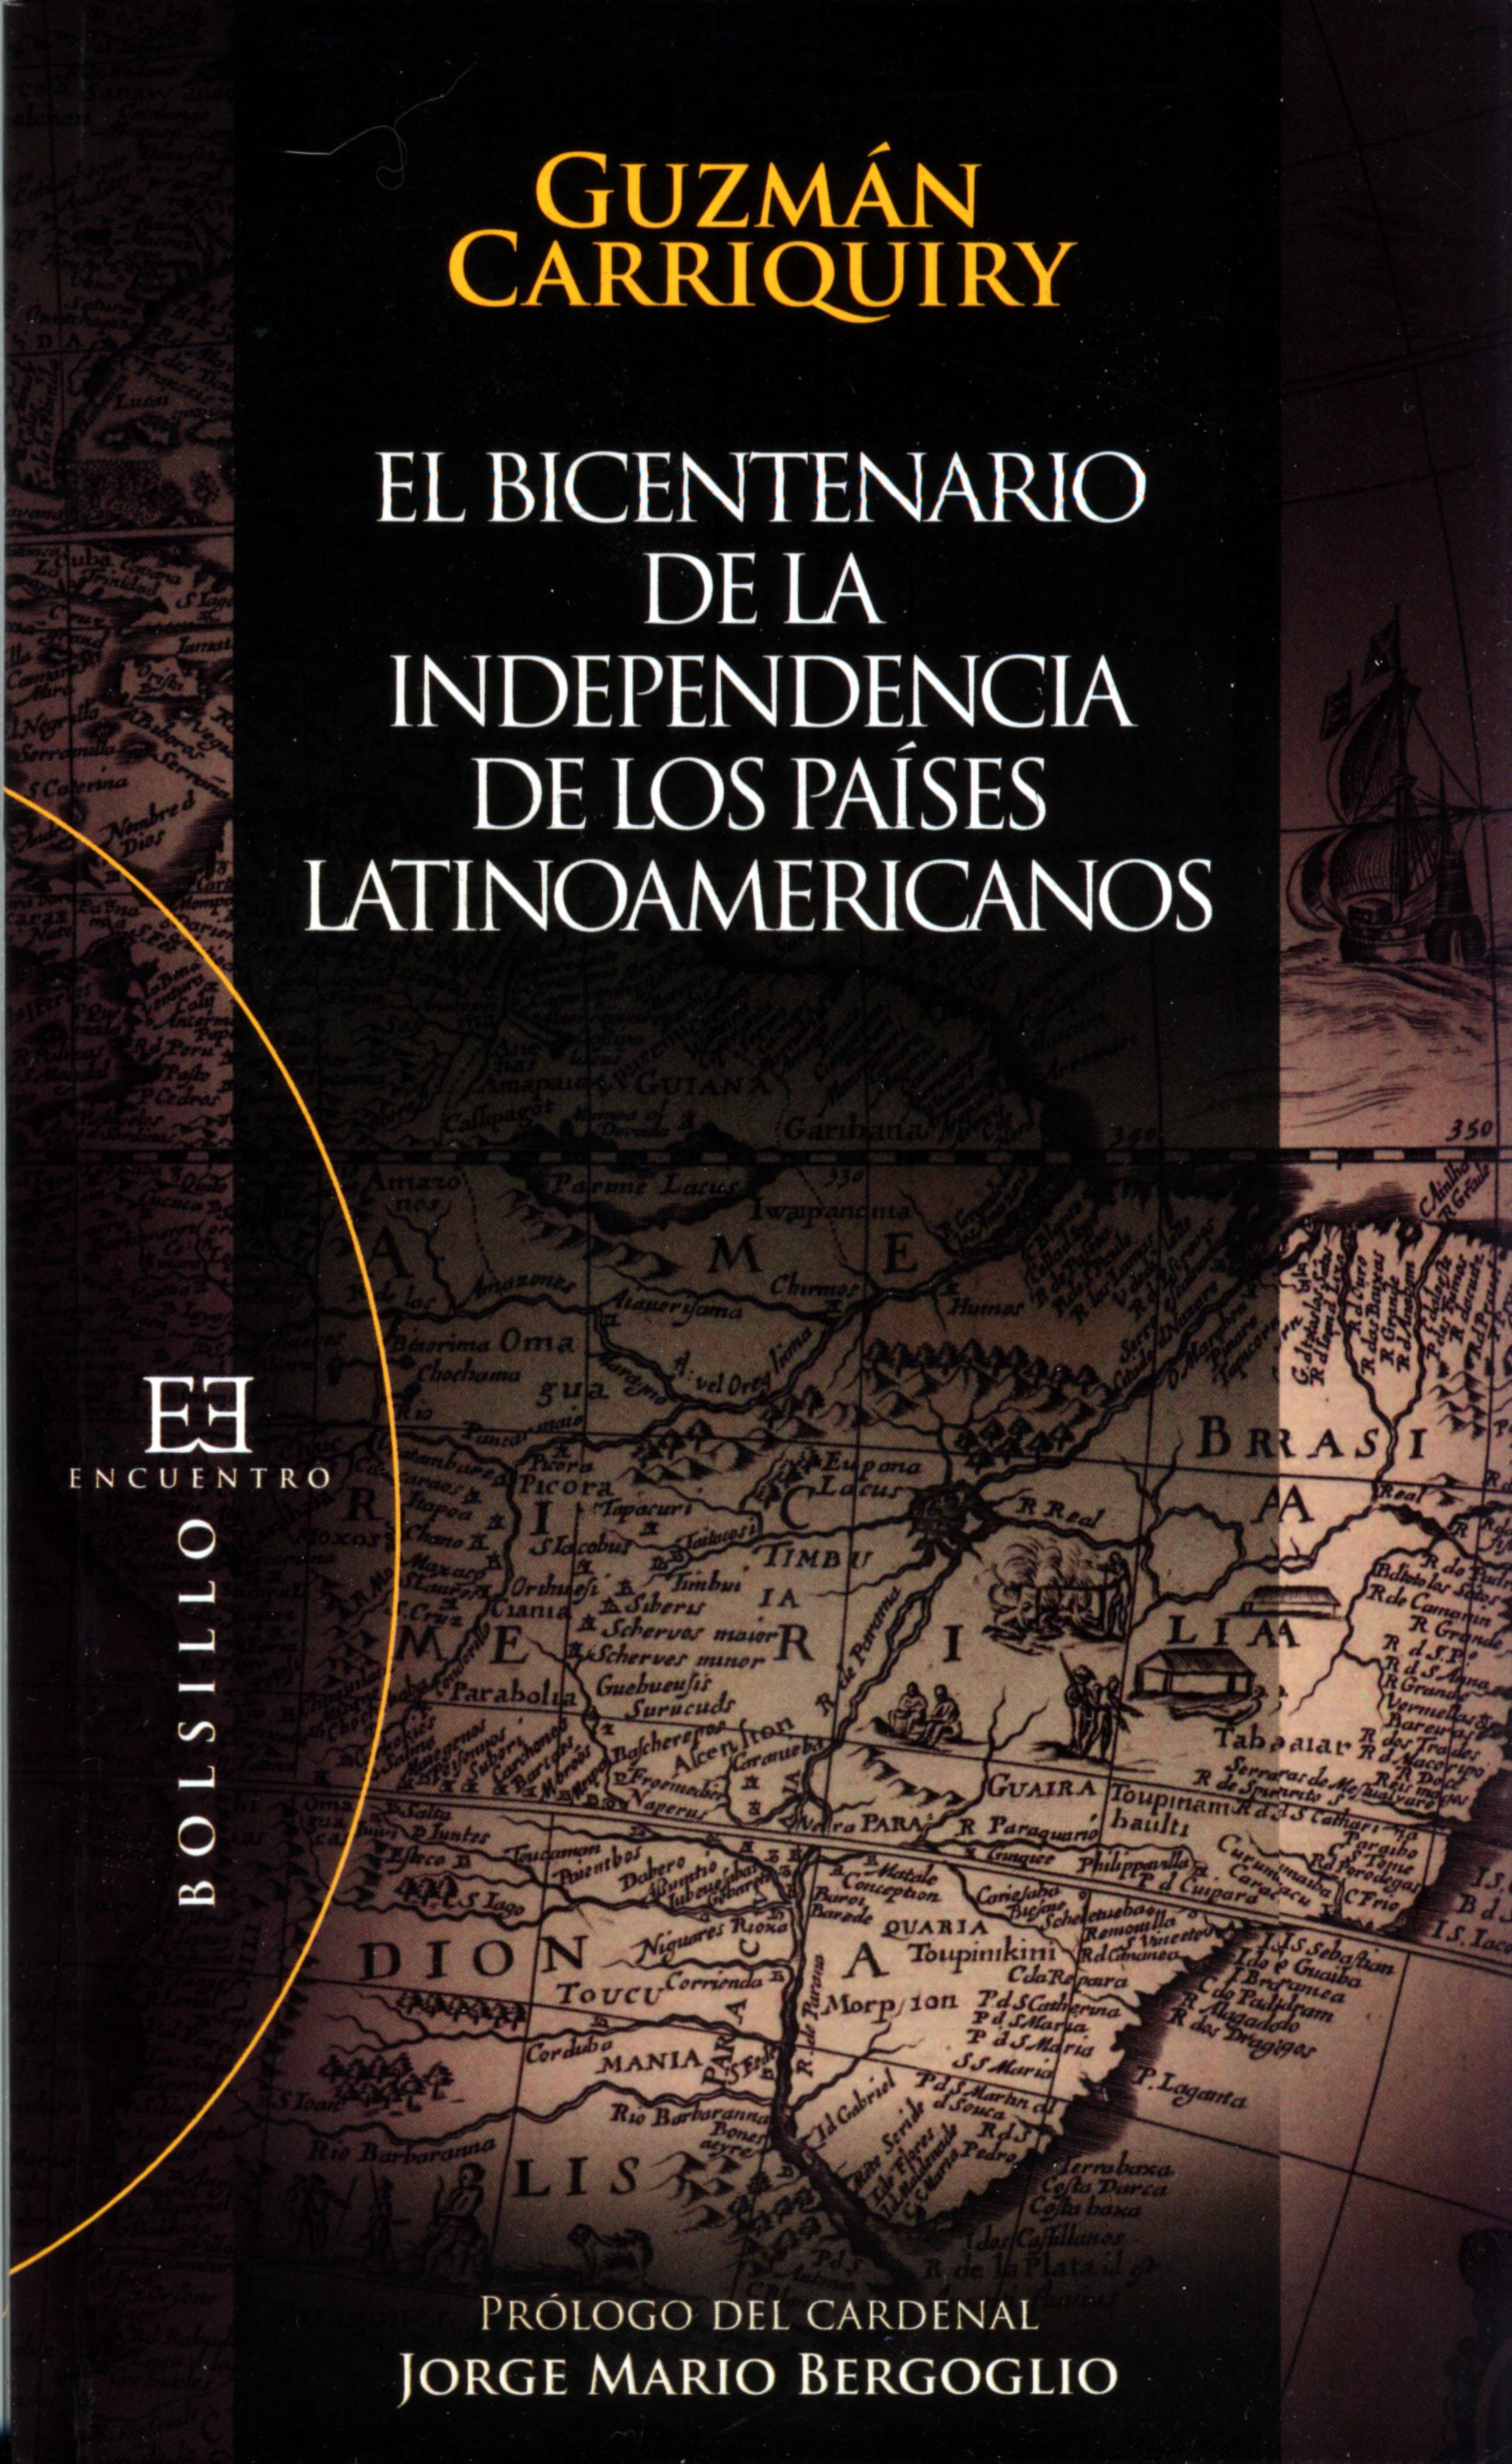 El bicentenario de la independencia de los países latinoamericanos